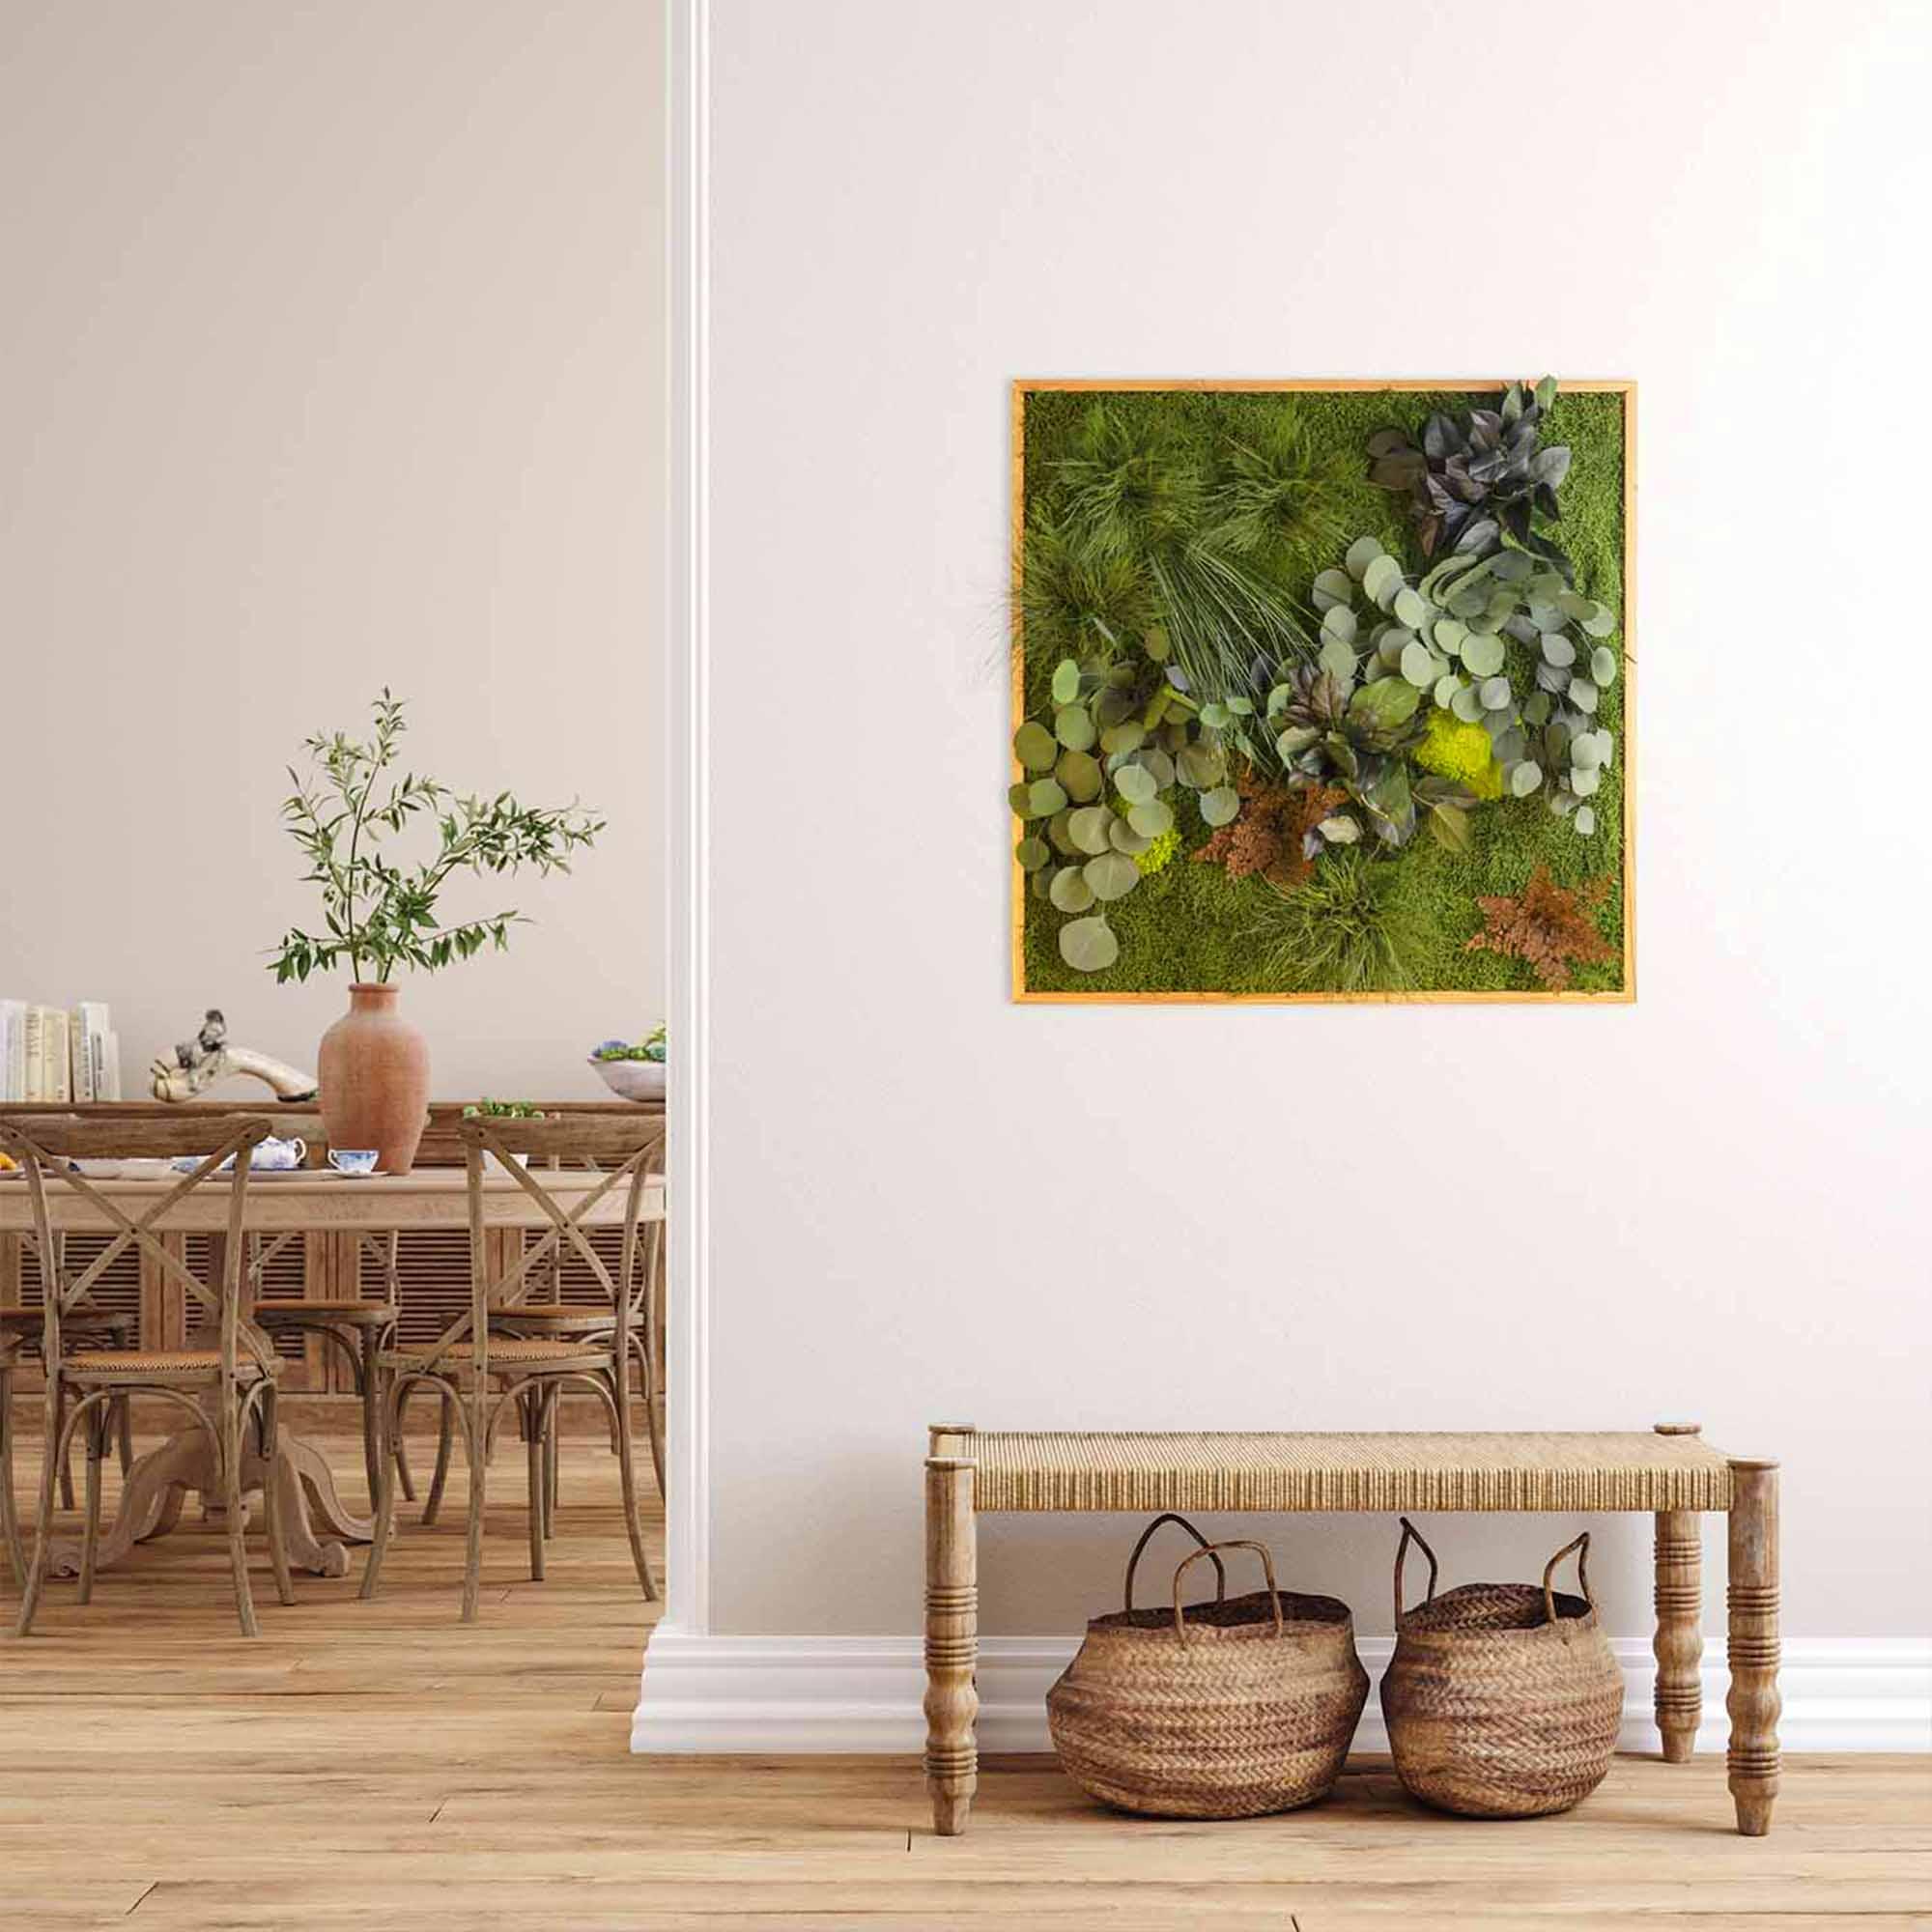 Dschungelmoosbild Eckig mit Esstisch und Sitzgruppe